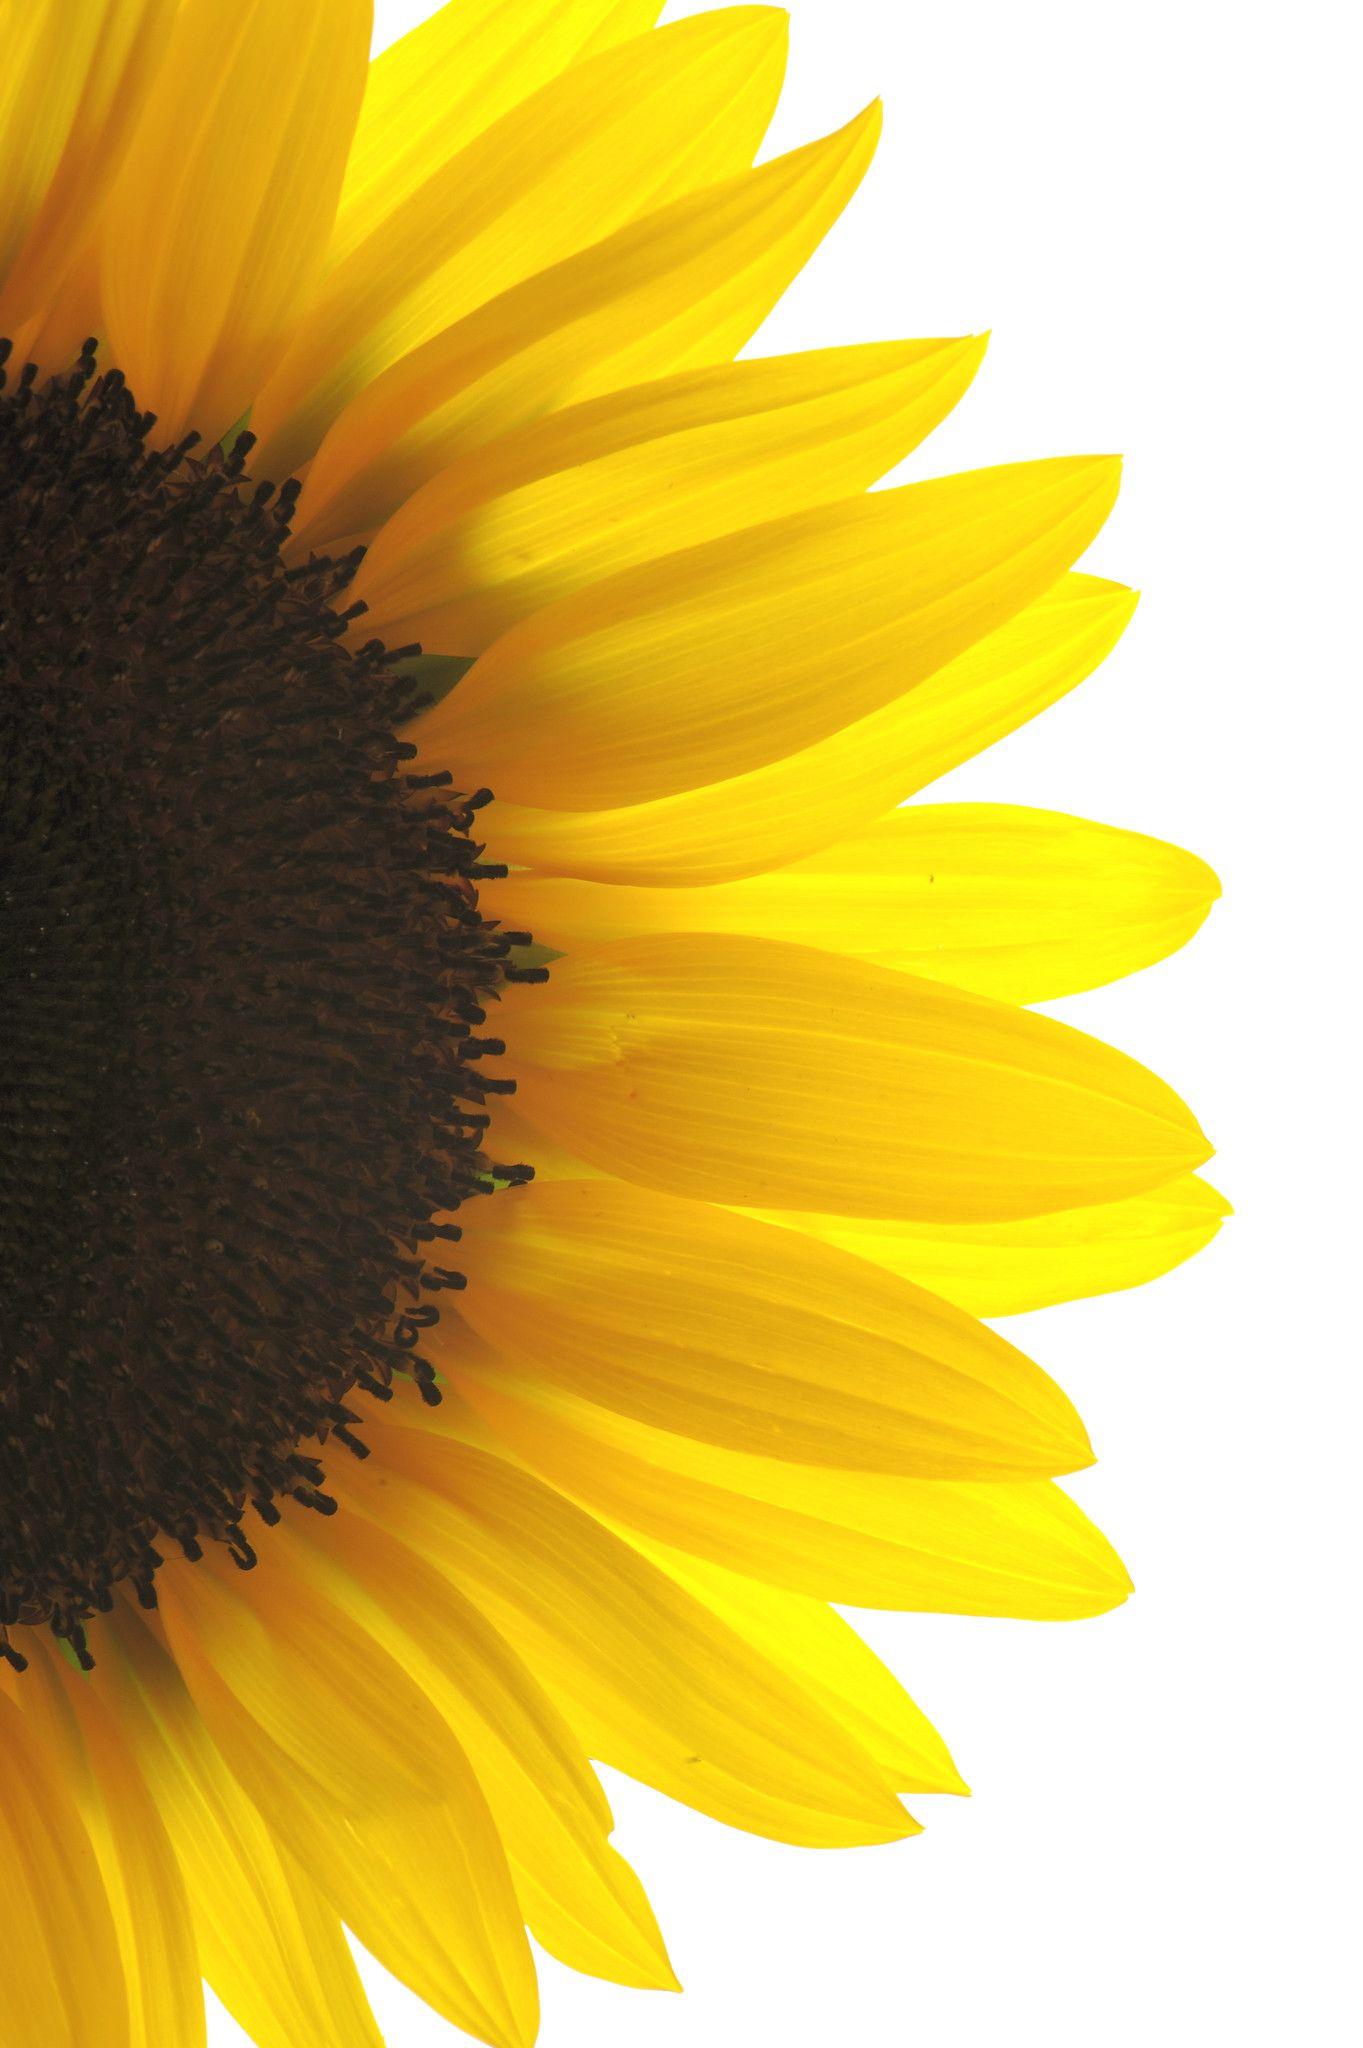 Sunflower in 2020 Sunflowers background, Sunflower